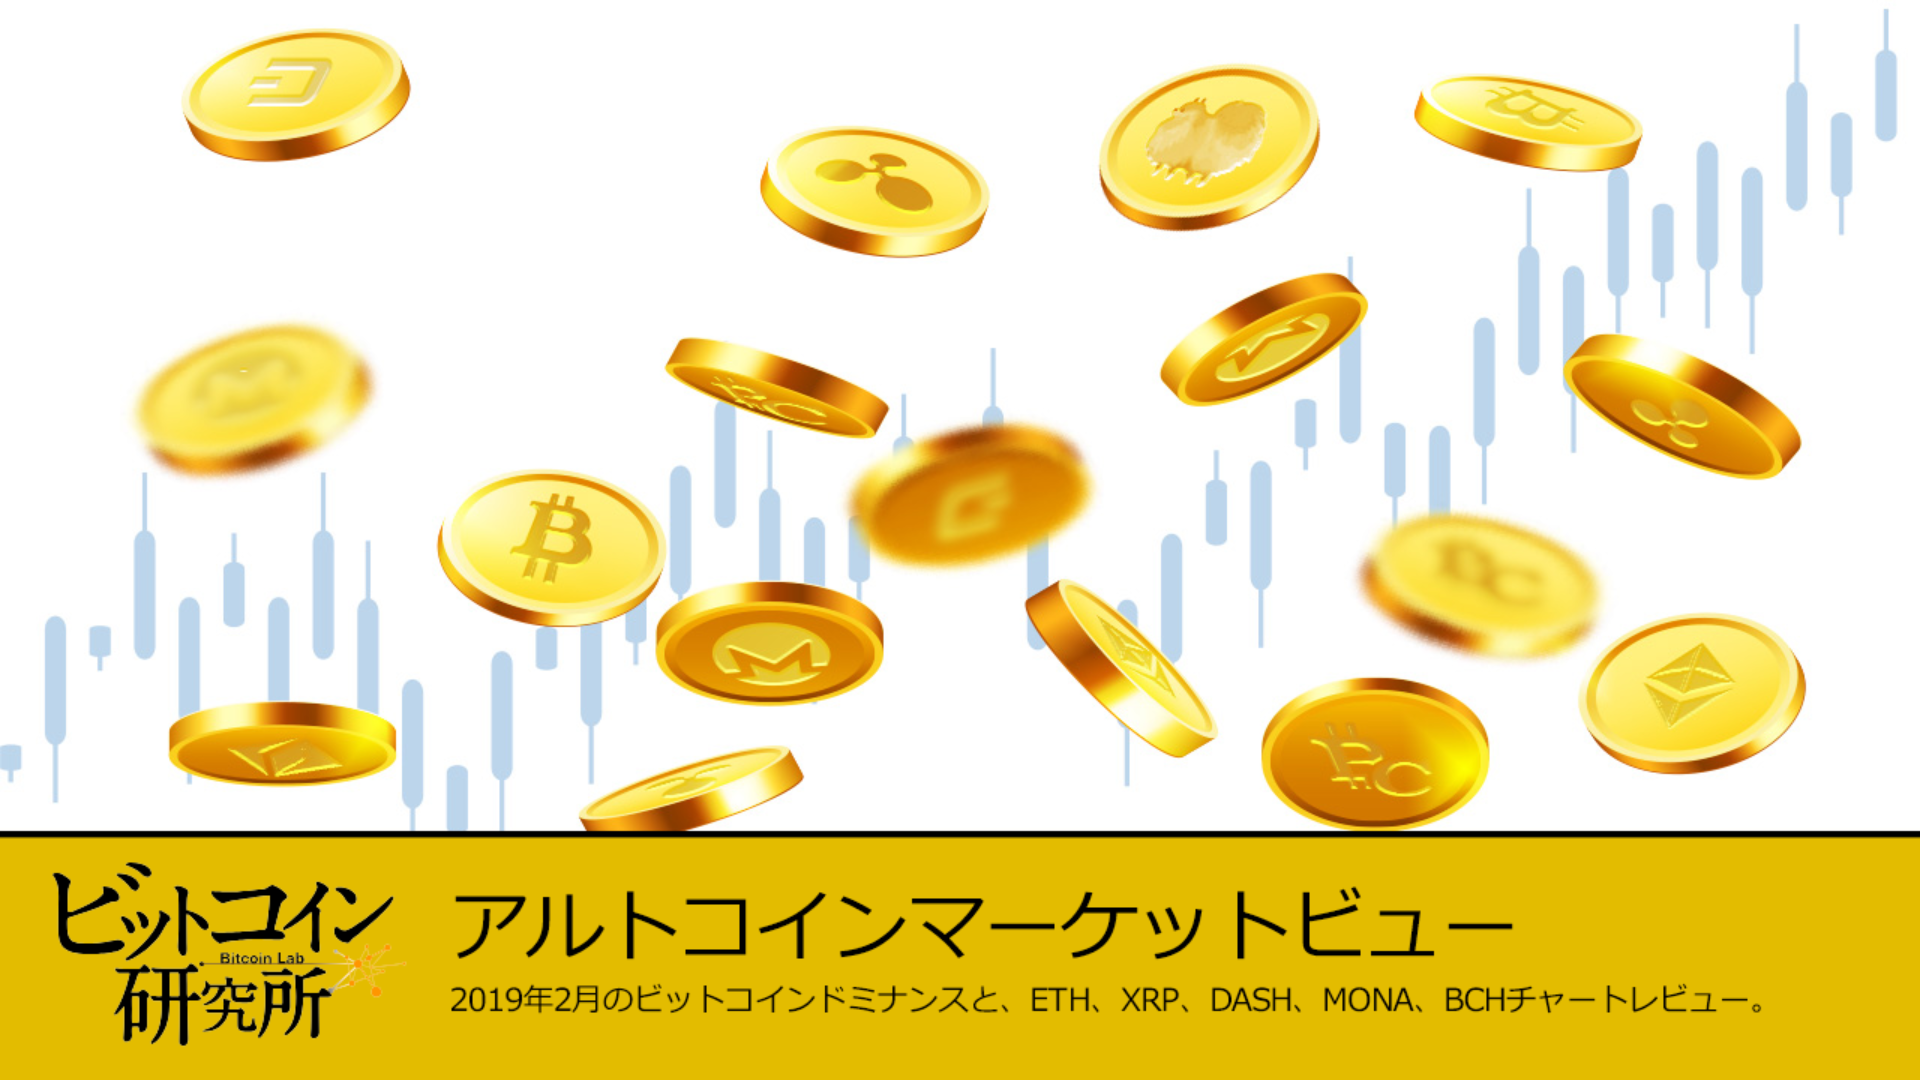 アルトコインマーケットビュー(2019年2月の振り返り)